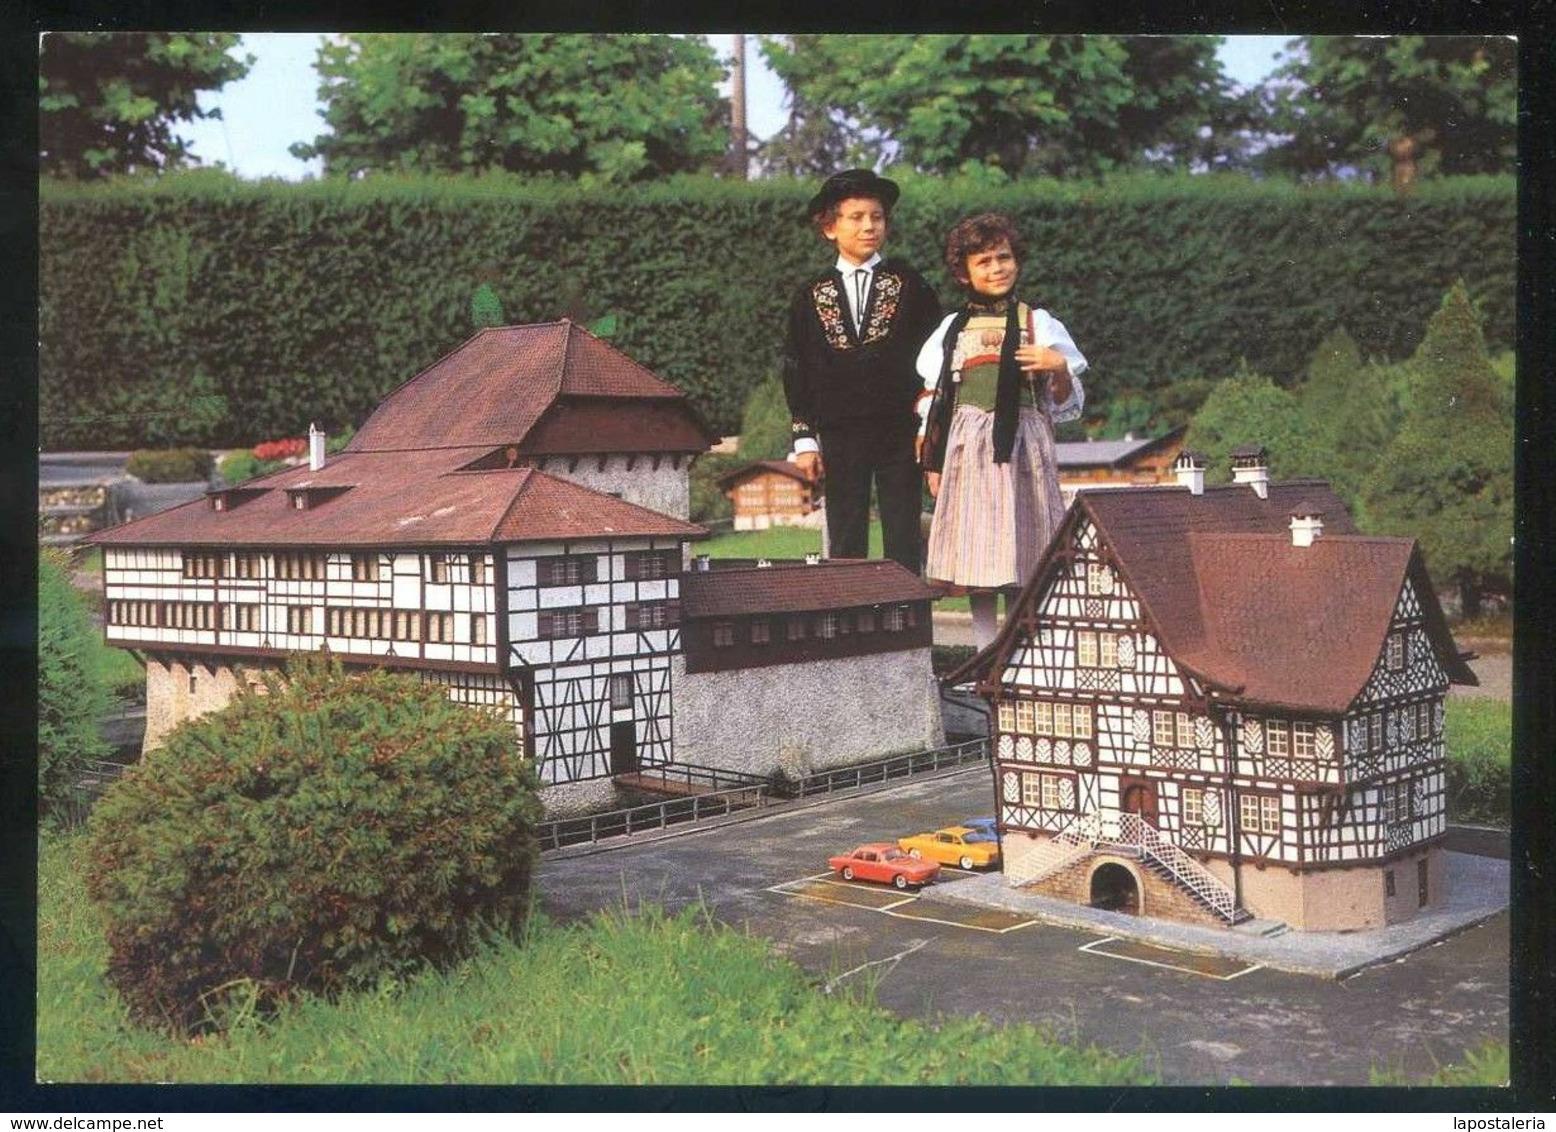 *Swissminiatur Melide-Lugano* Ed. K. Engelberger Nº 9518. Escrita. - Edificios & Arquitectura